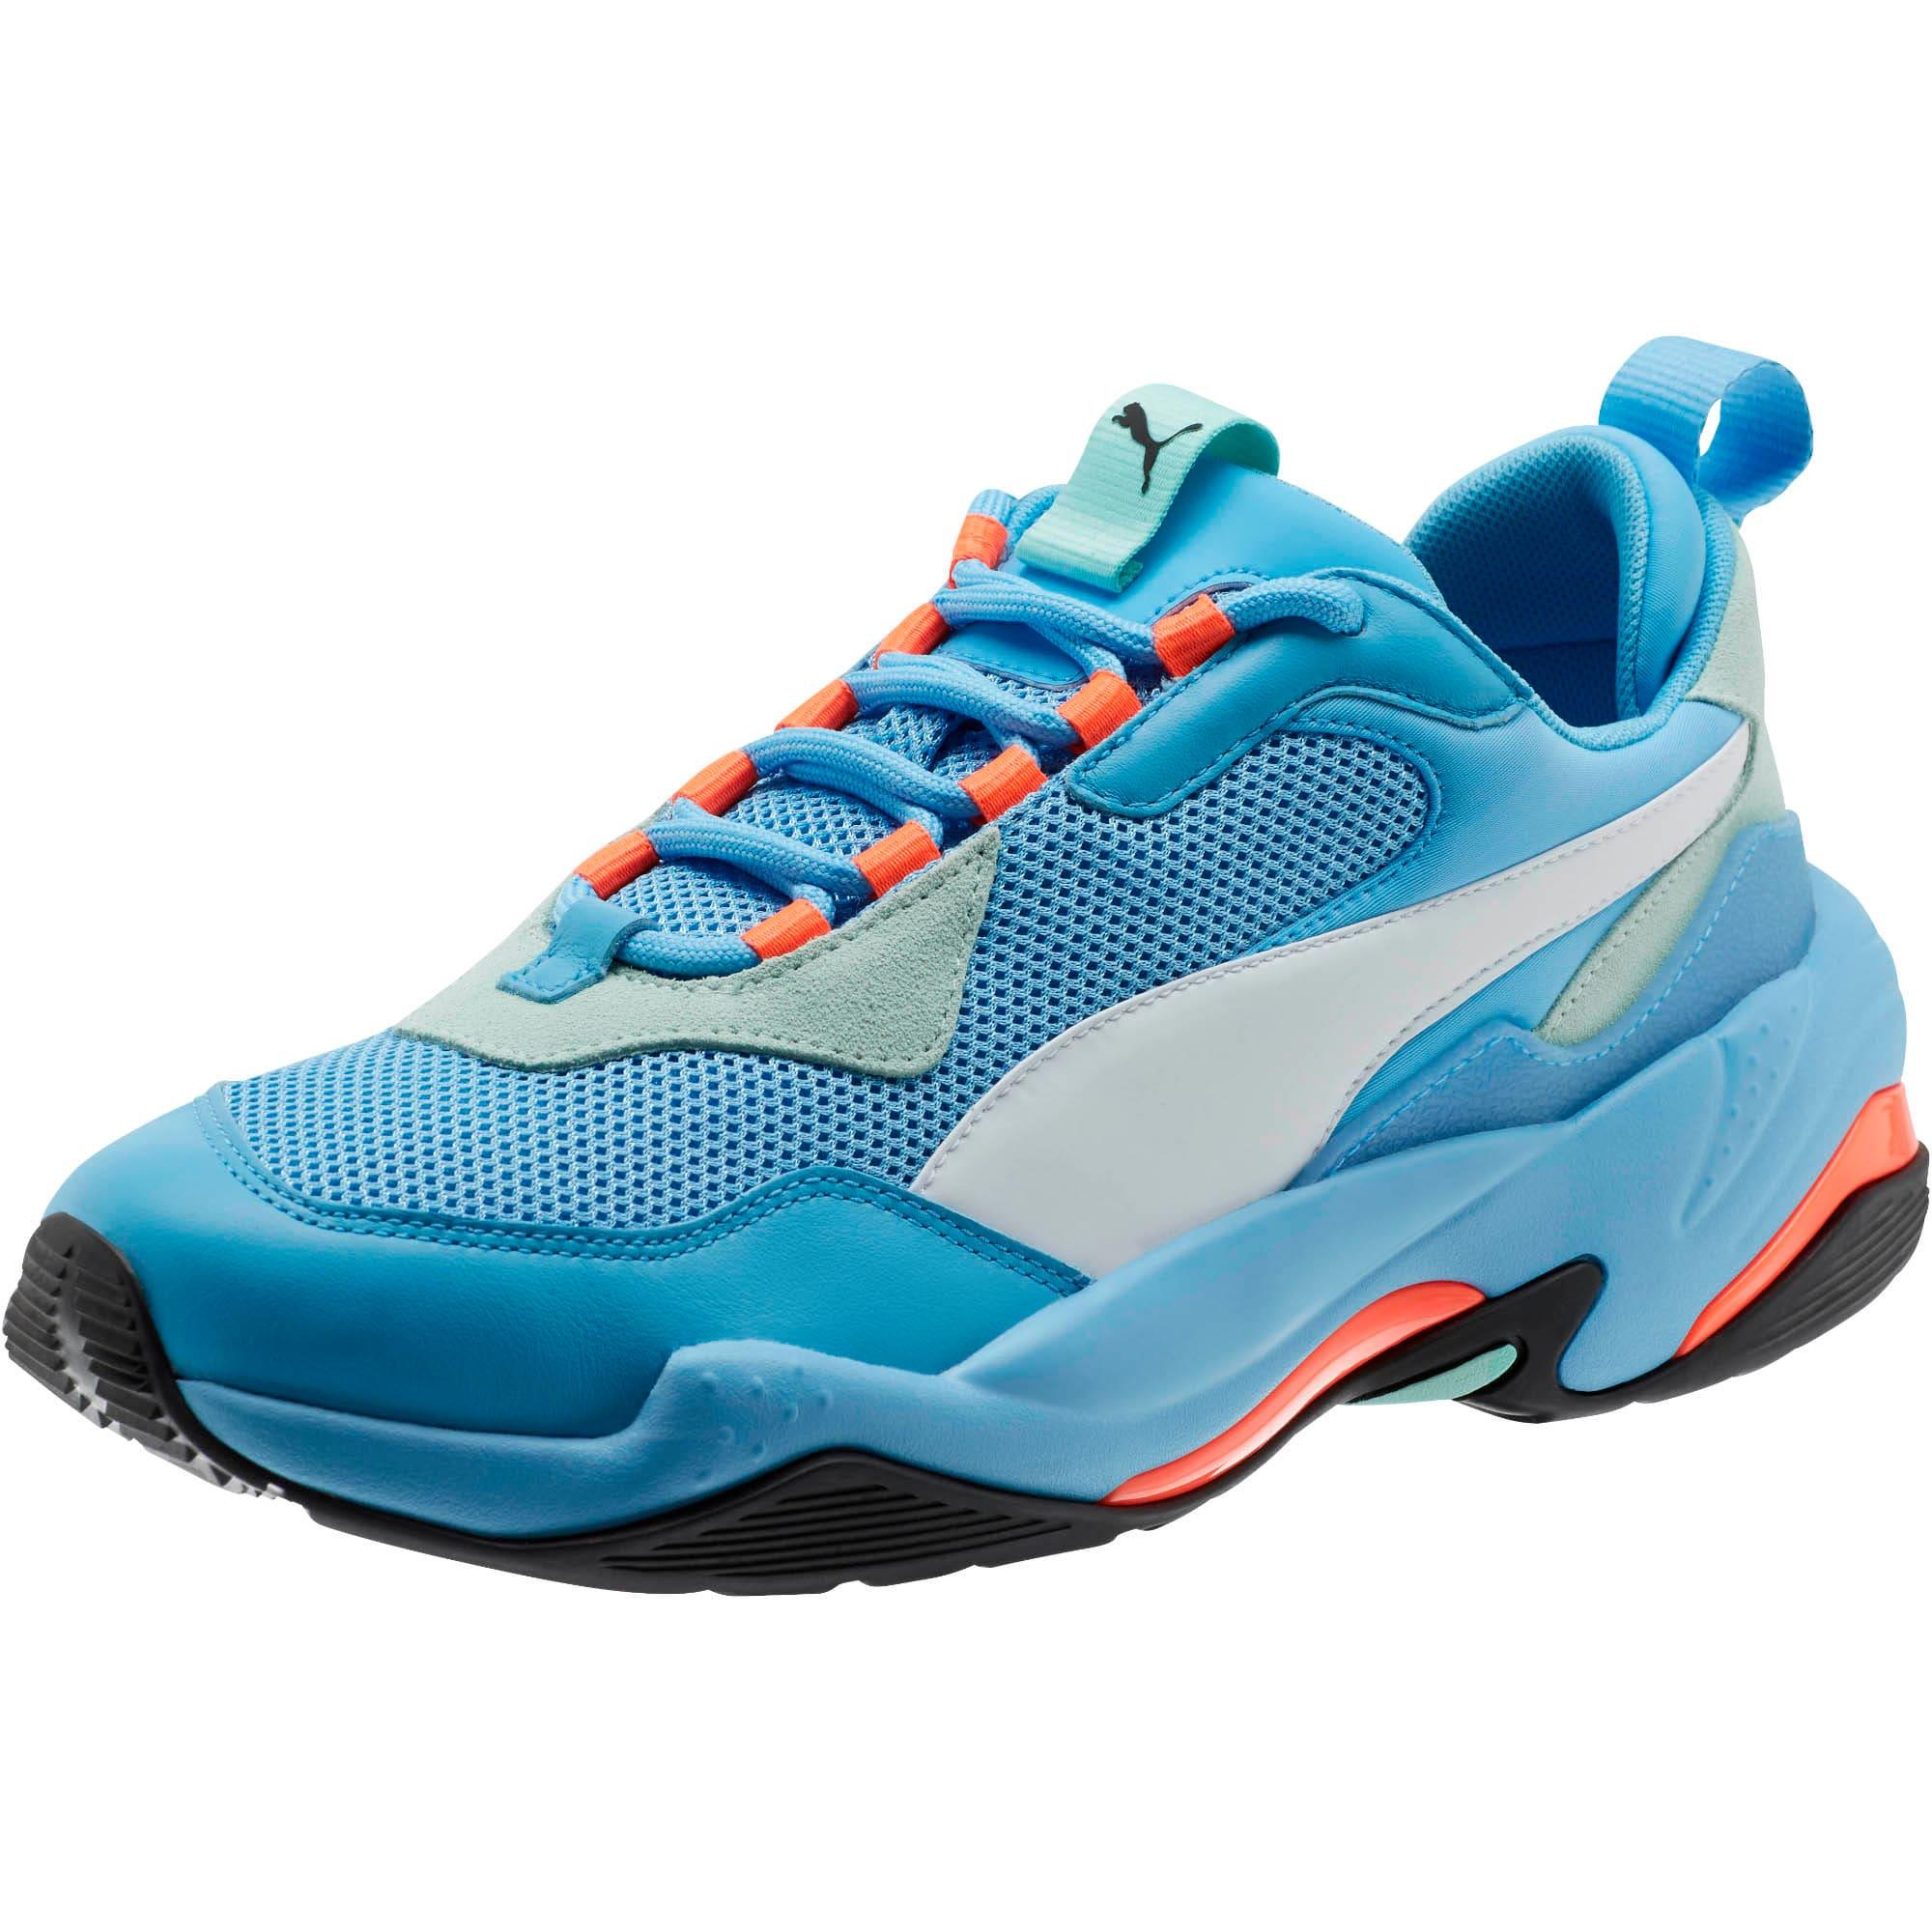 Miniatura 1 de Zapatos deportivosThunder Spectrapara hombre, Team Light Blue-Fair Aqua, mediano